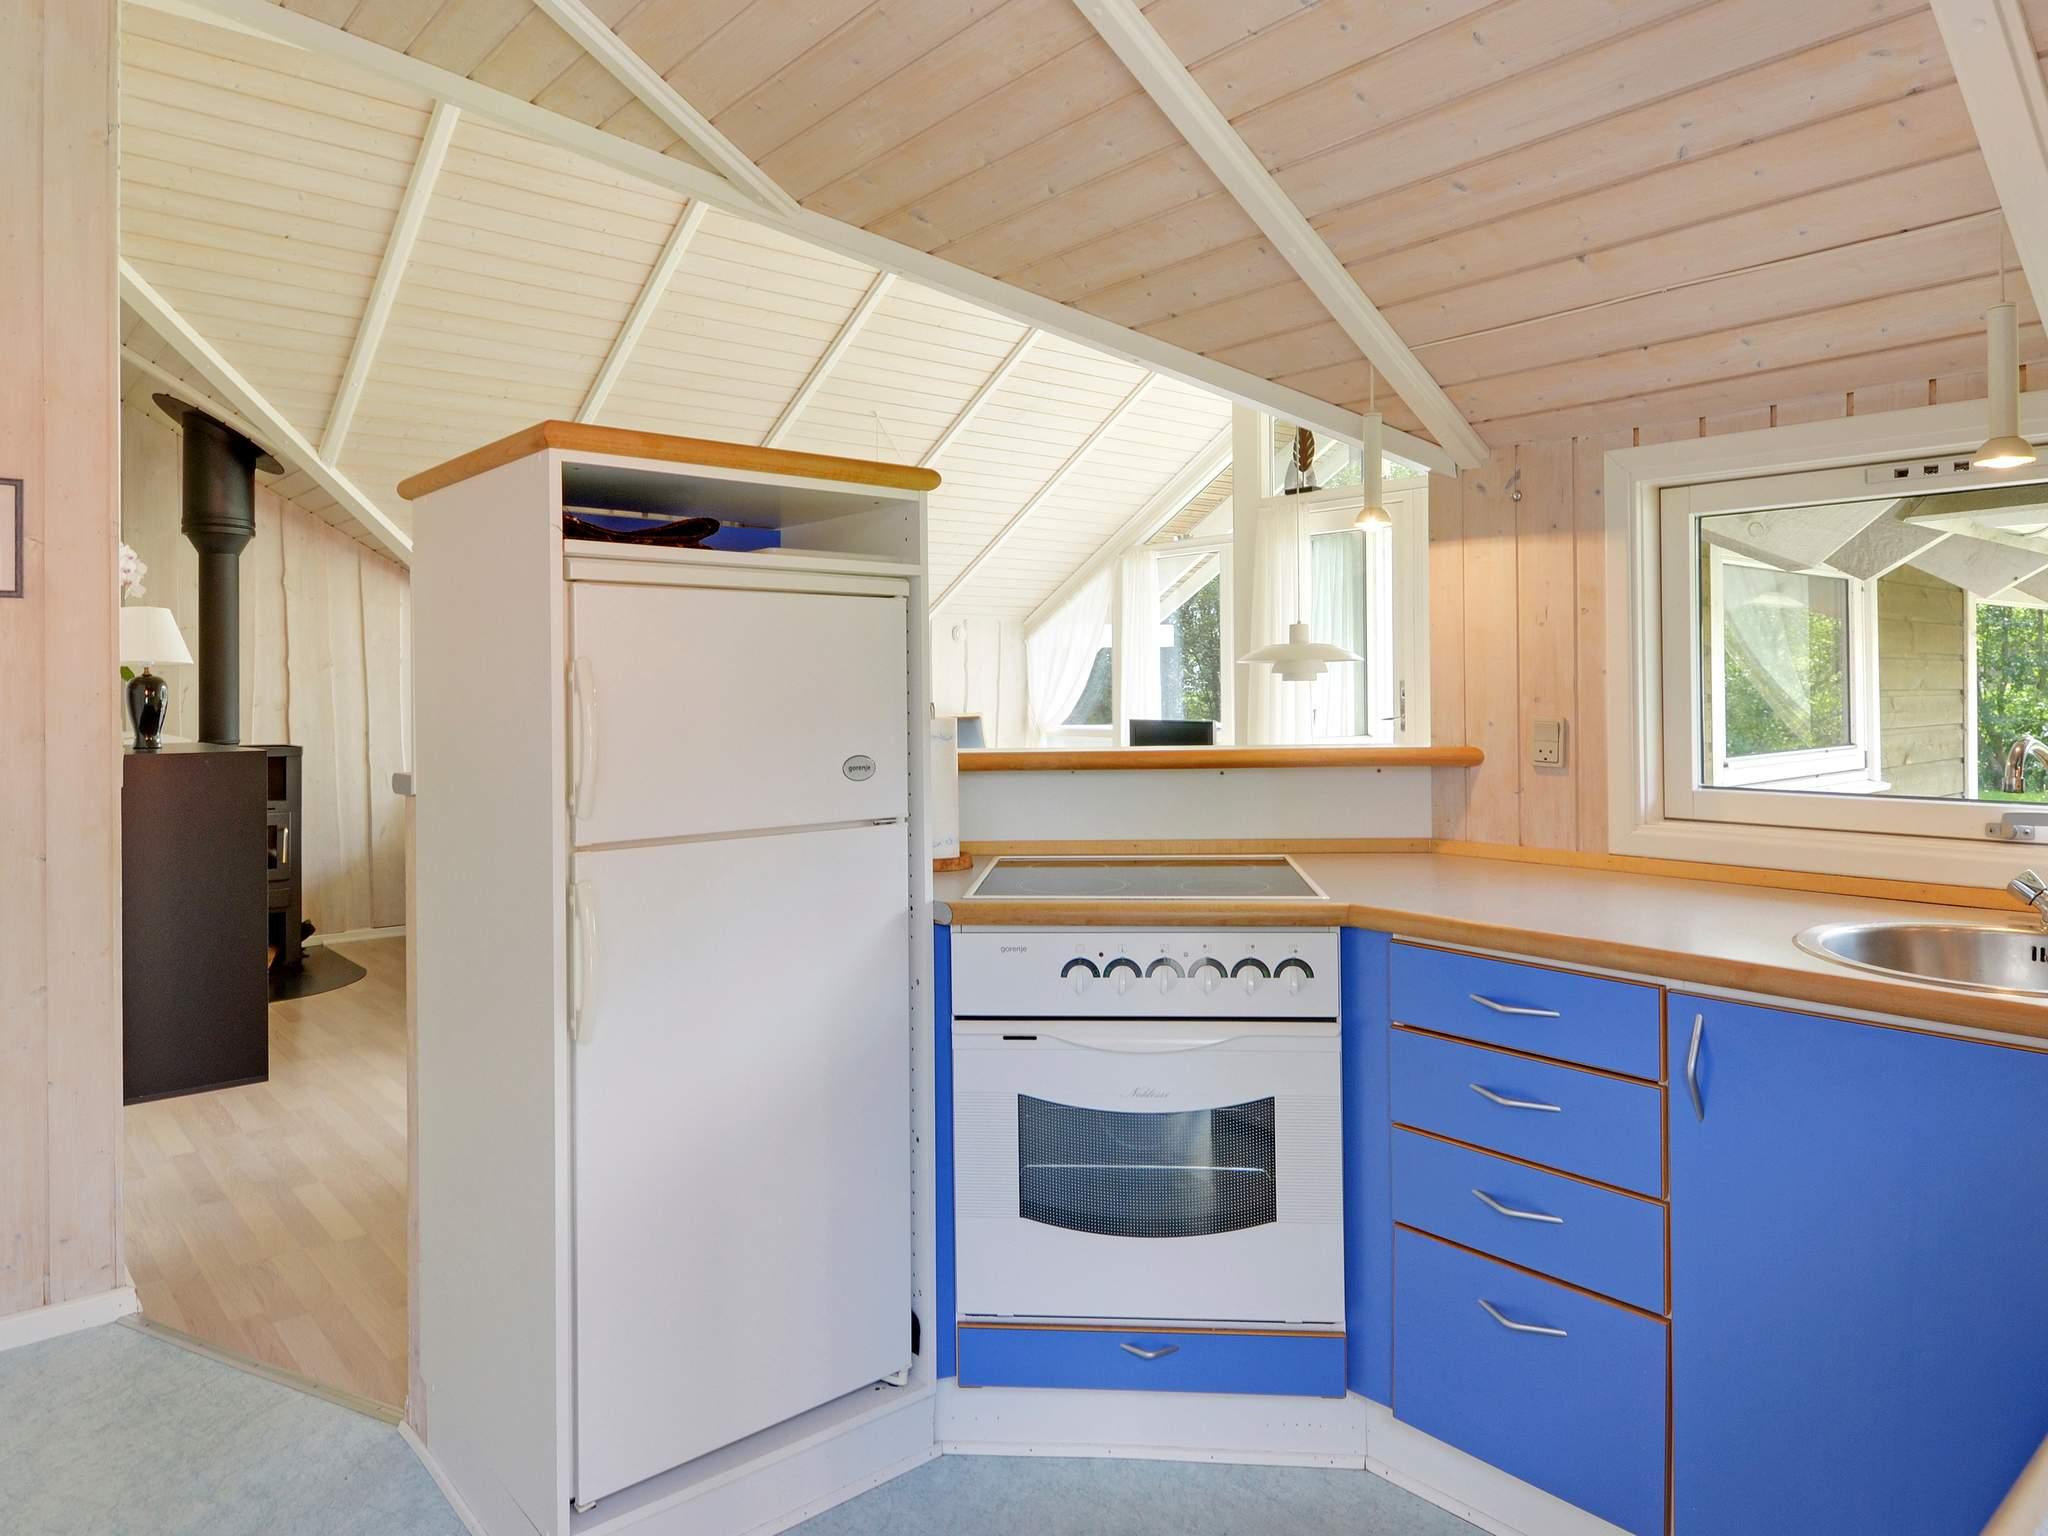 Ferienhaus Bork Havn (420070), Bork Havn, , Westjütland, Dänemark, Bild 5